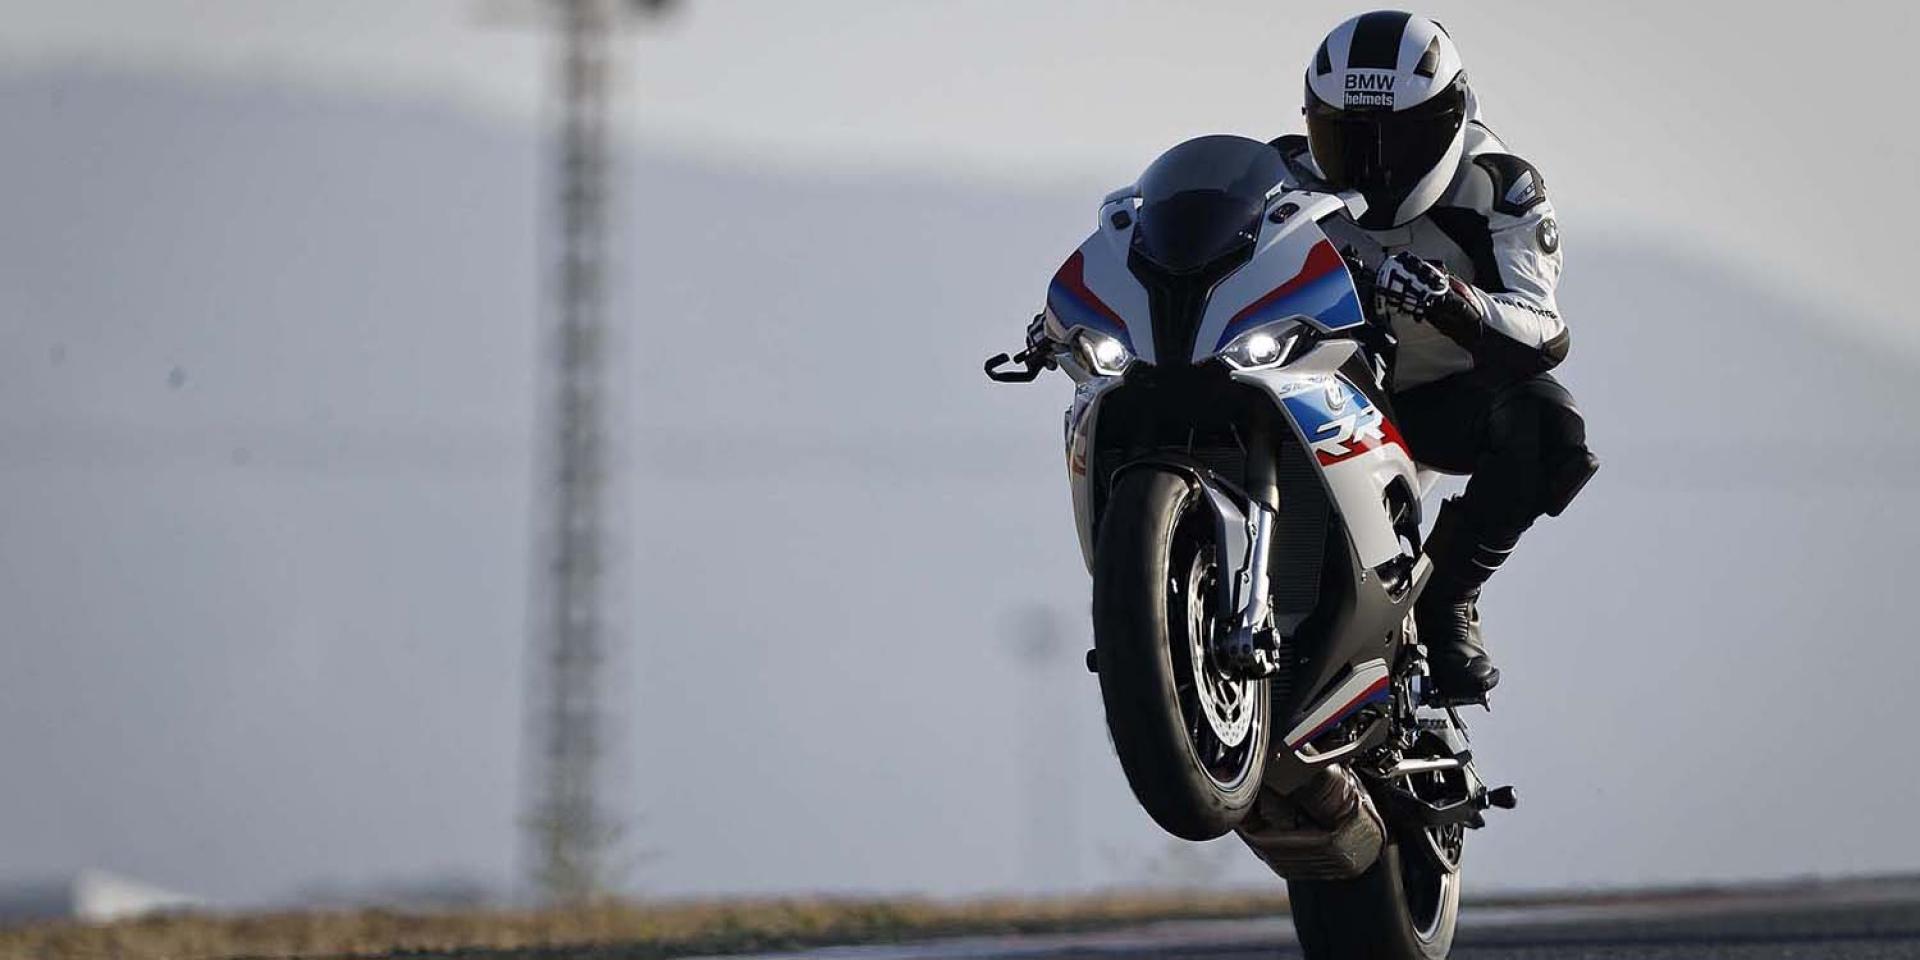 Ninja H2勁敵?BMW S1000RR 「電動增壓系統」專利曝光!